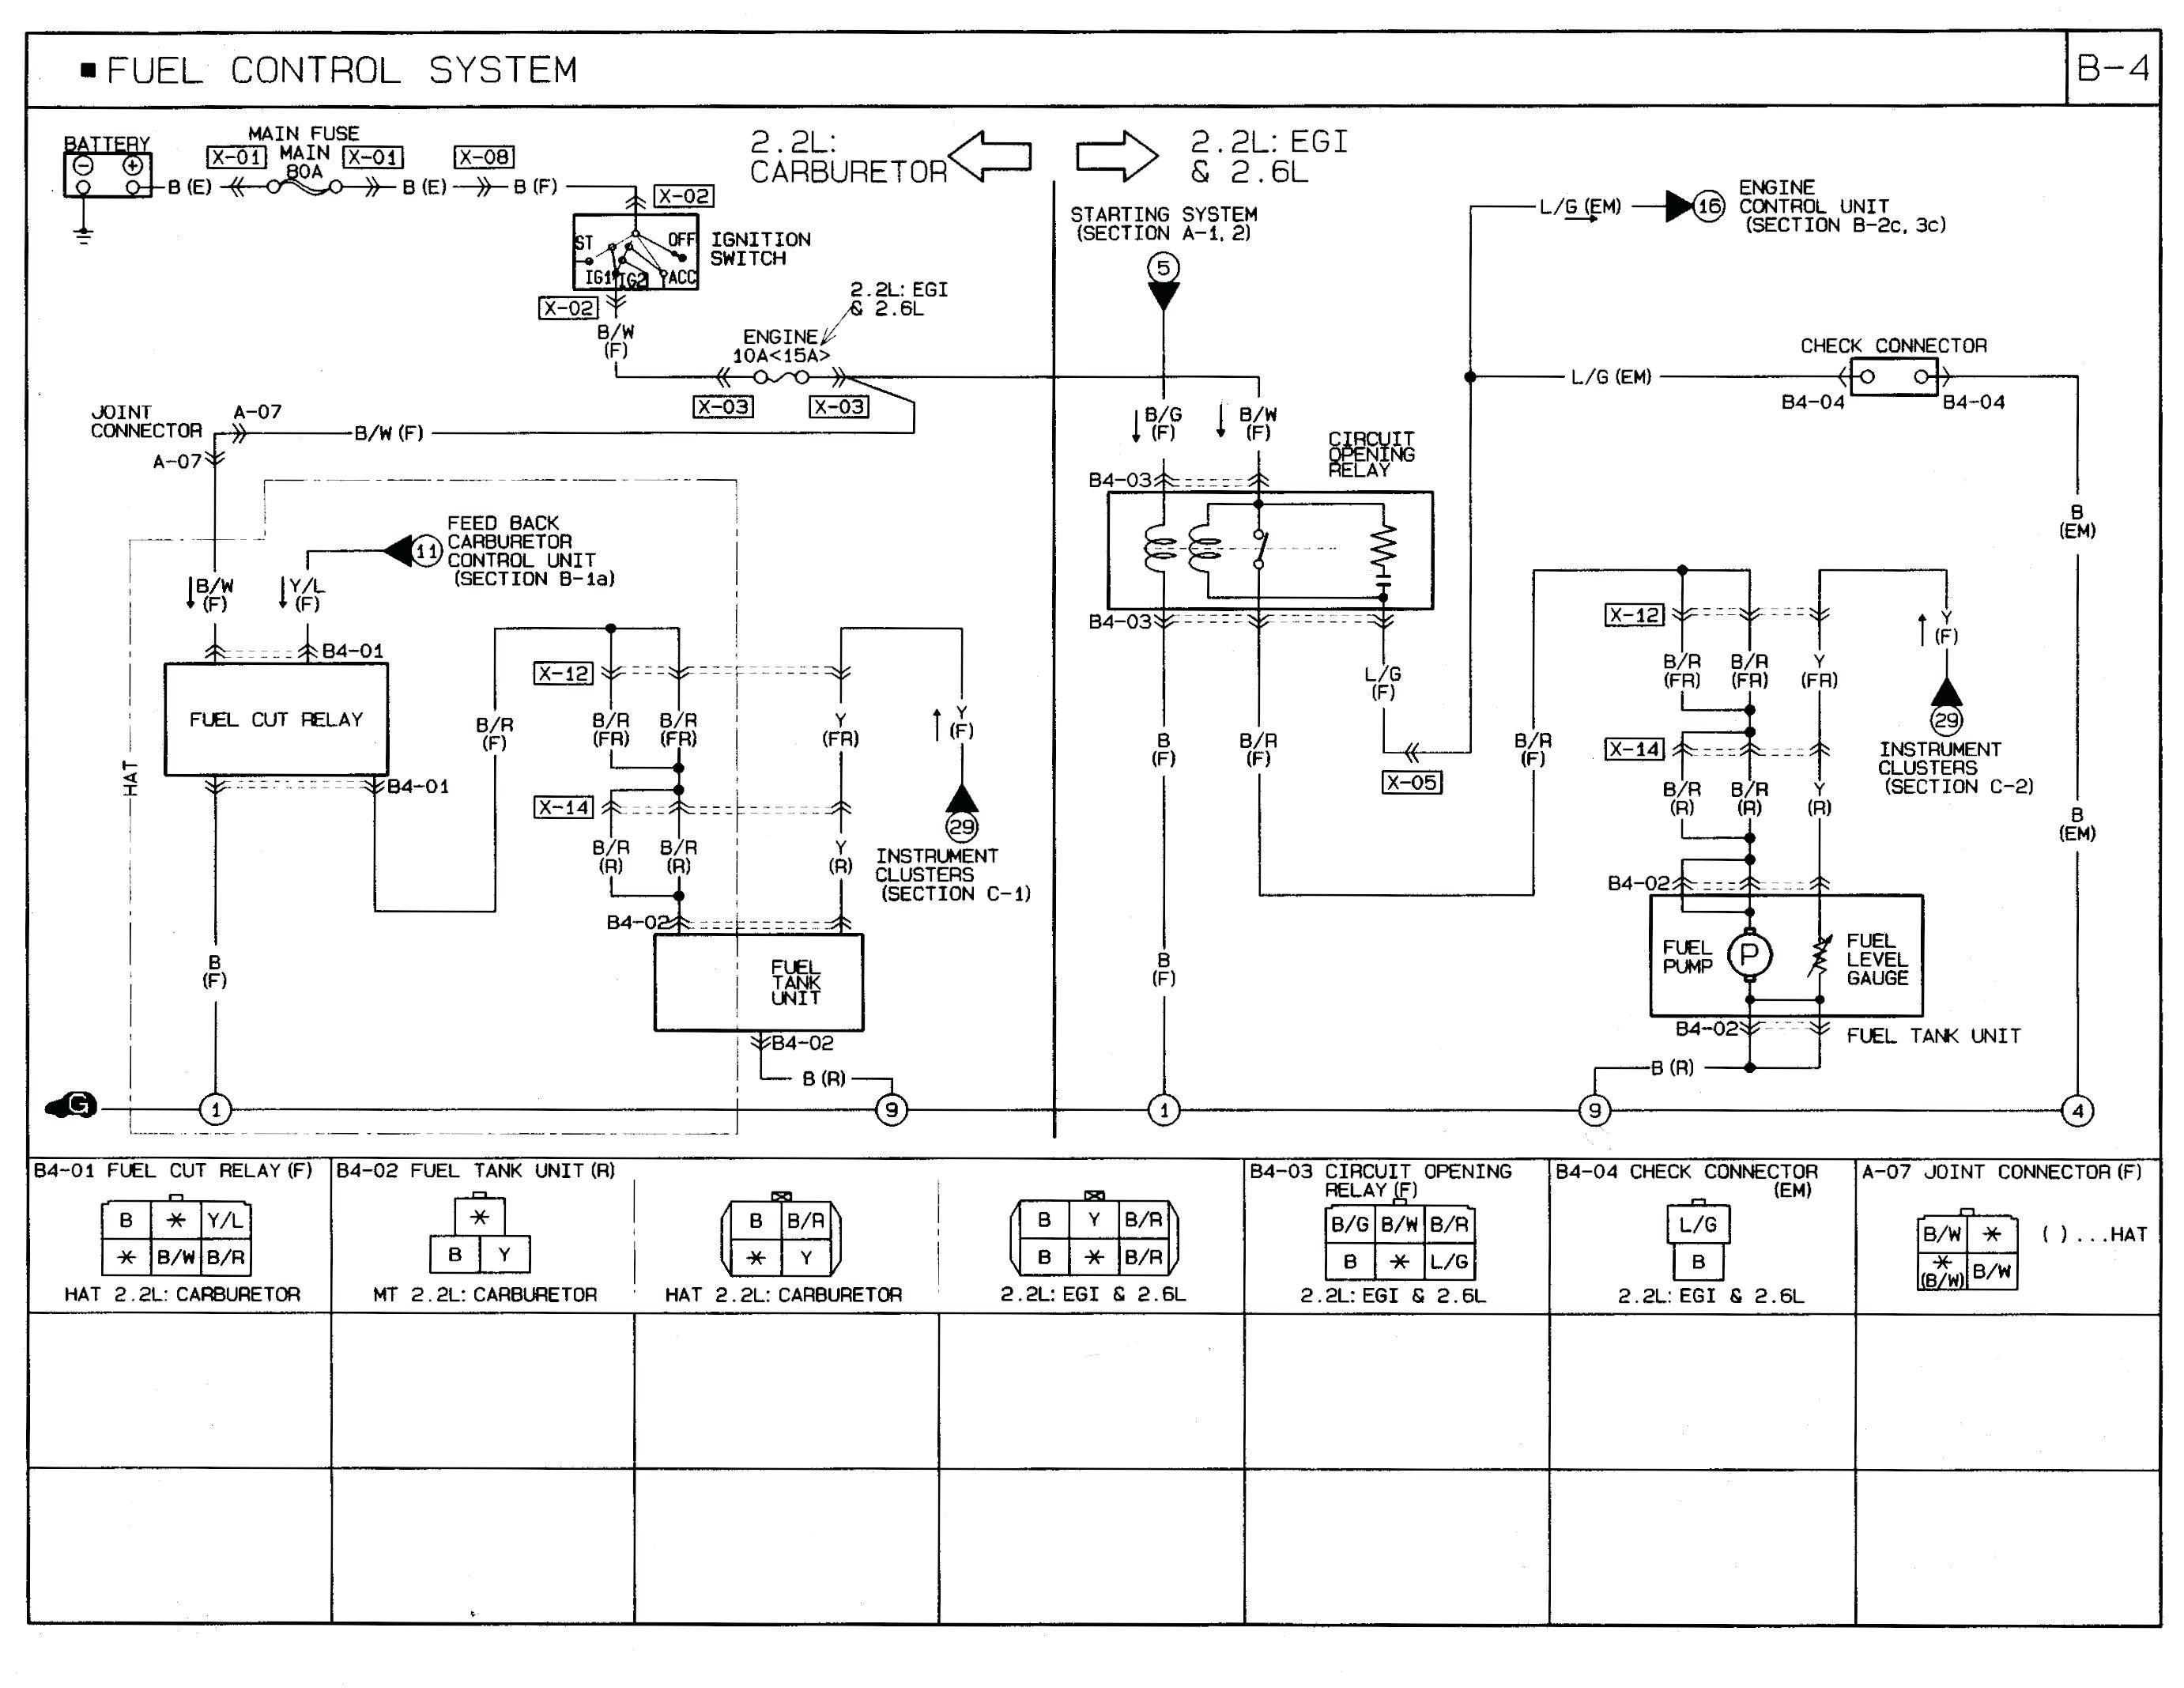 2009 Mazda 3 Stereo Wiring Diagram